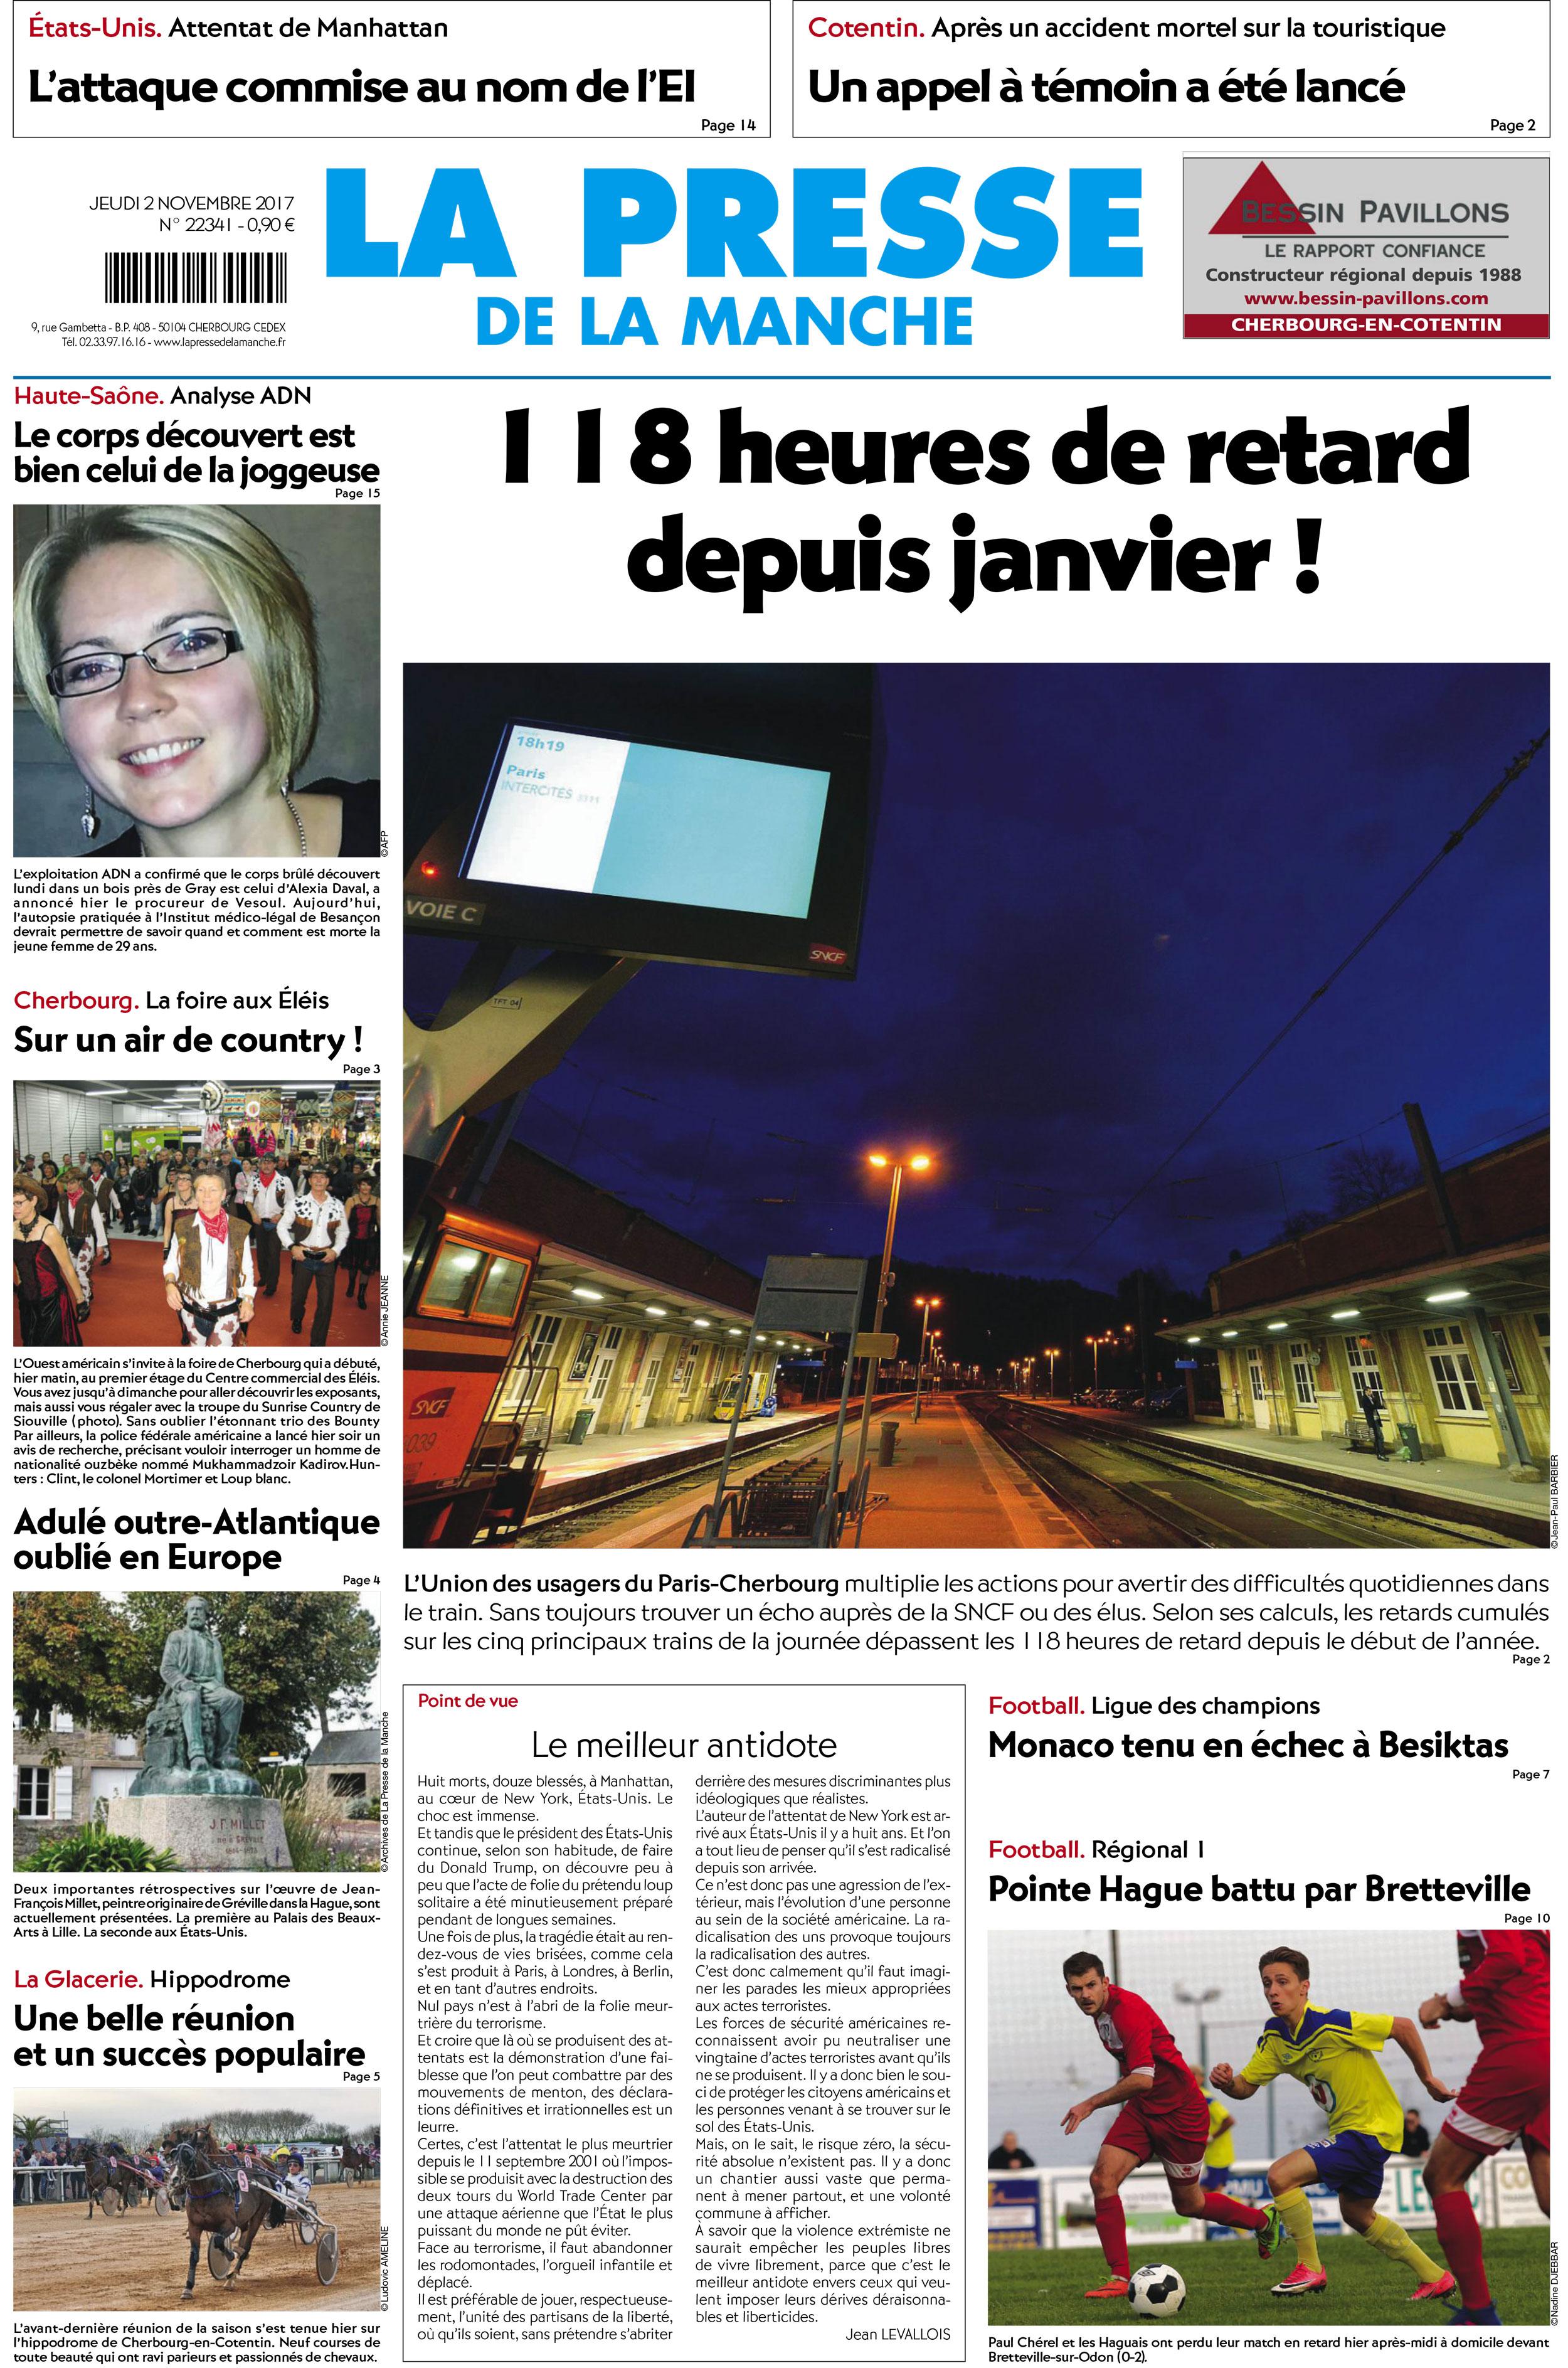 Presse de la Macnche - 02/11/2017 - 118 heures de retards